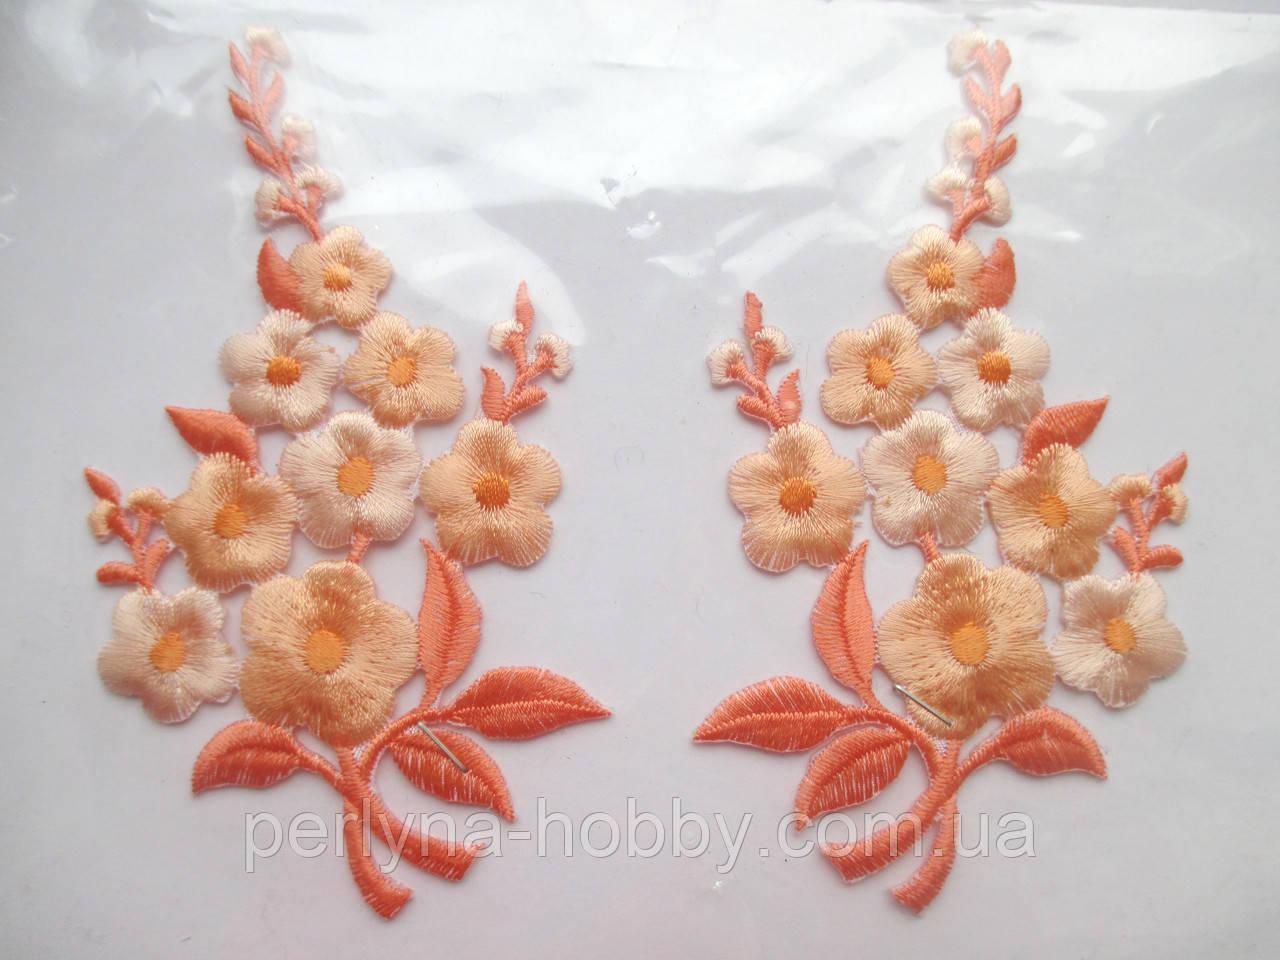 """Аплікація вишивка клейова парна """"Квіти"""" персикові, 12 см 1пара"""